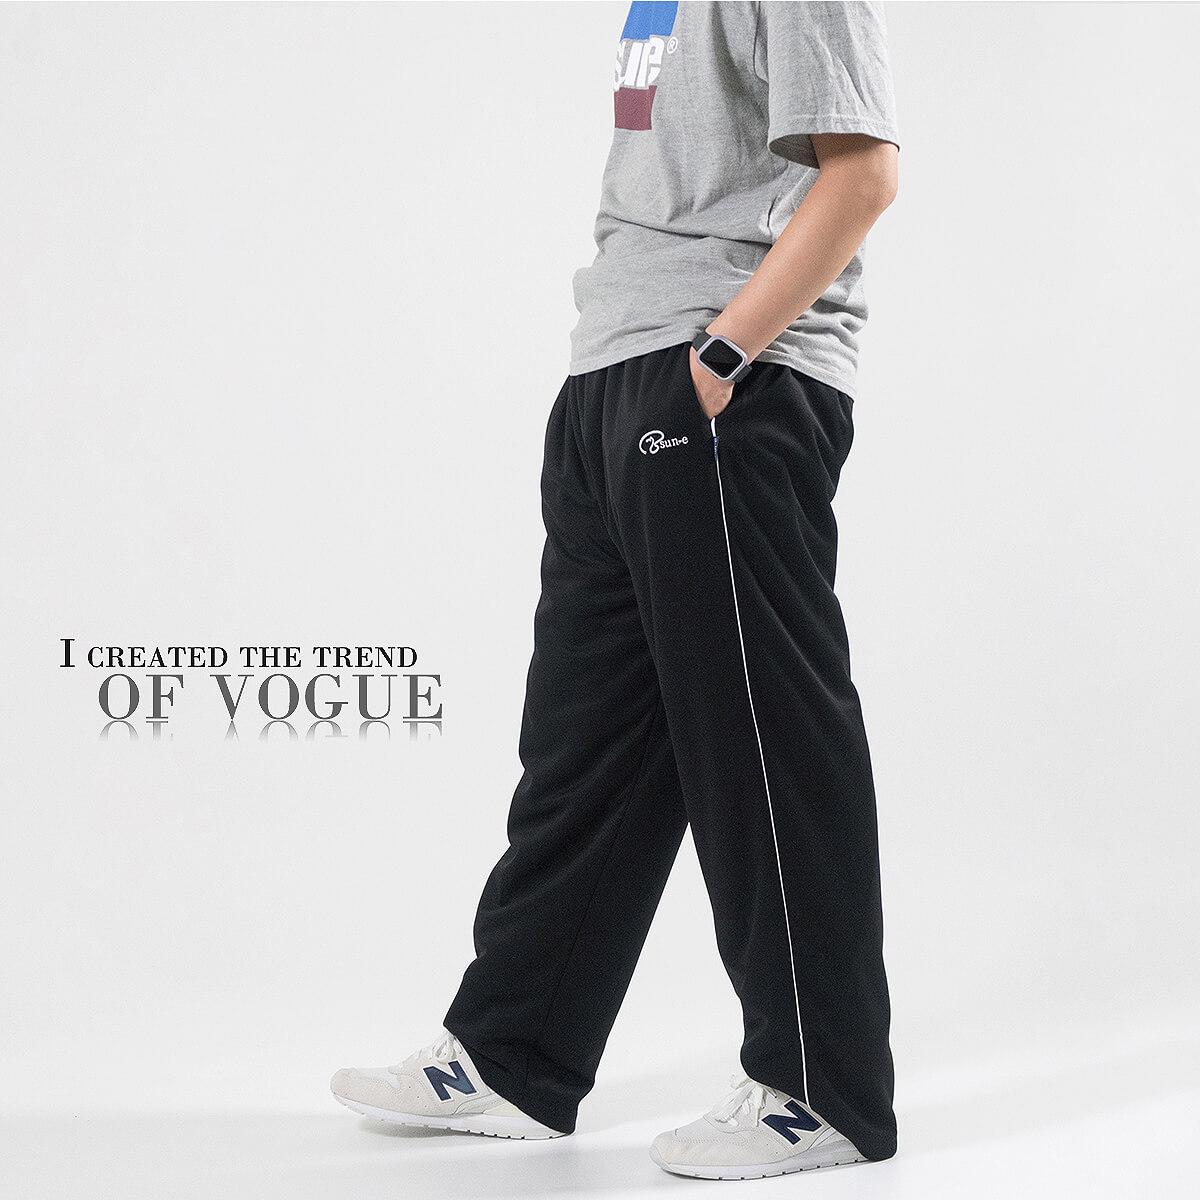 加大尺碼防潑水長褲 保暖台灣製長褲 防風休閒長褲 褲管無縮口彈性長褲 大尺碼男裝 全腰圍鬆緊帶休閒褲 黑色長褲 Made In Taiwan Big And Tall Water Repellent Pants Casual Pants (310-2056-08)深藍色、(310-2056-21)黑色、(310-2056-22)深灰色 4L 5L (腰圍:97~119公分  /  38~47英吋) 男女可穿 [實體店面保障] sun-e 5